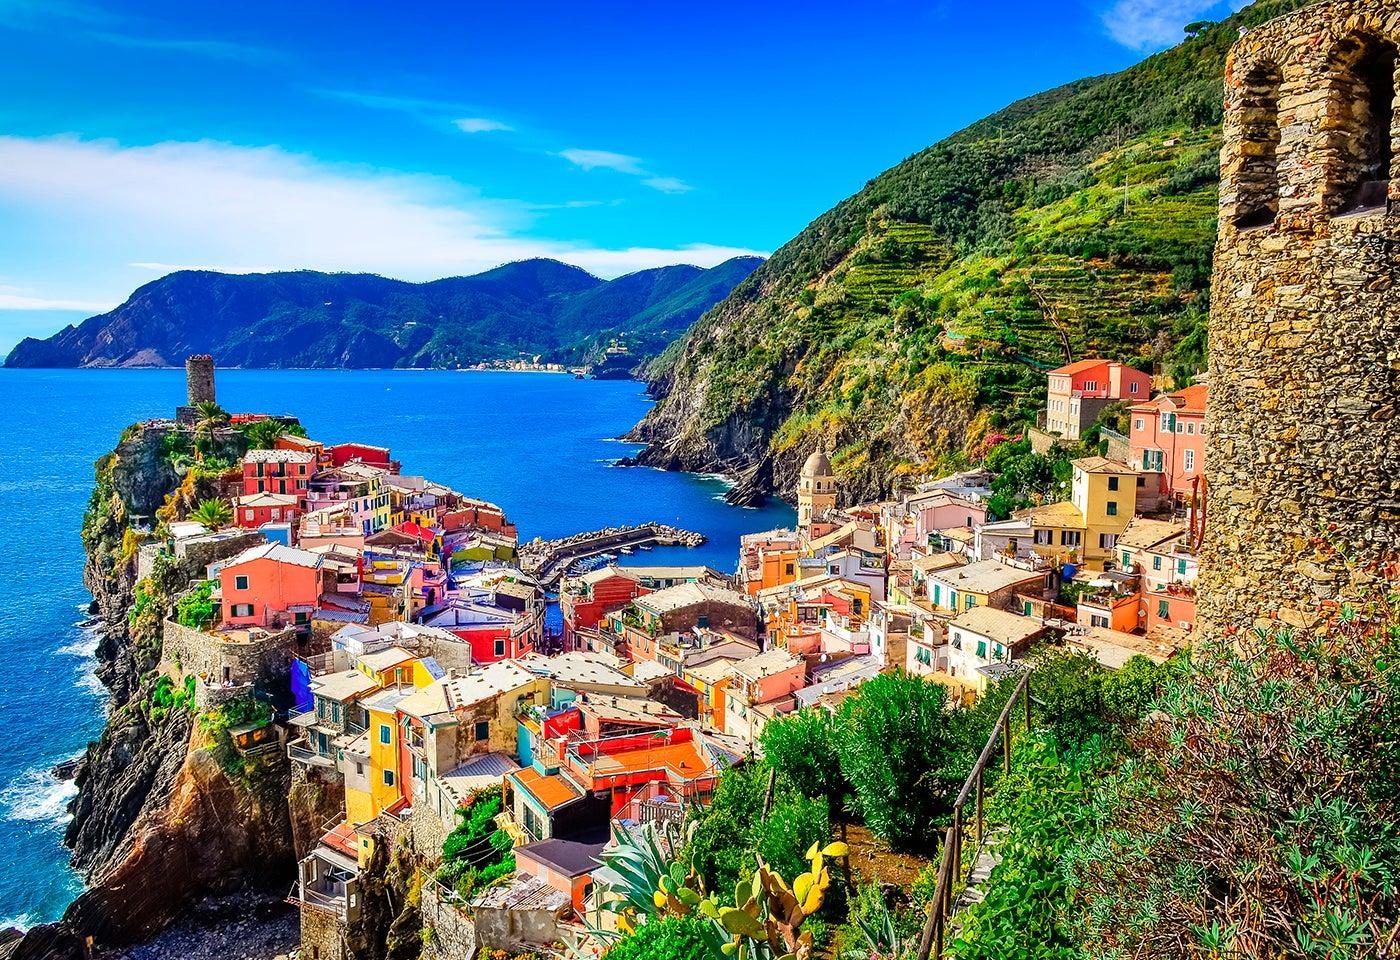 Europa en colores: Vernazza